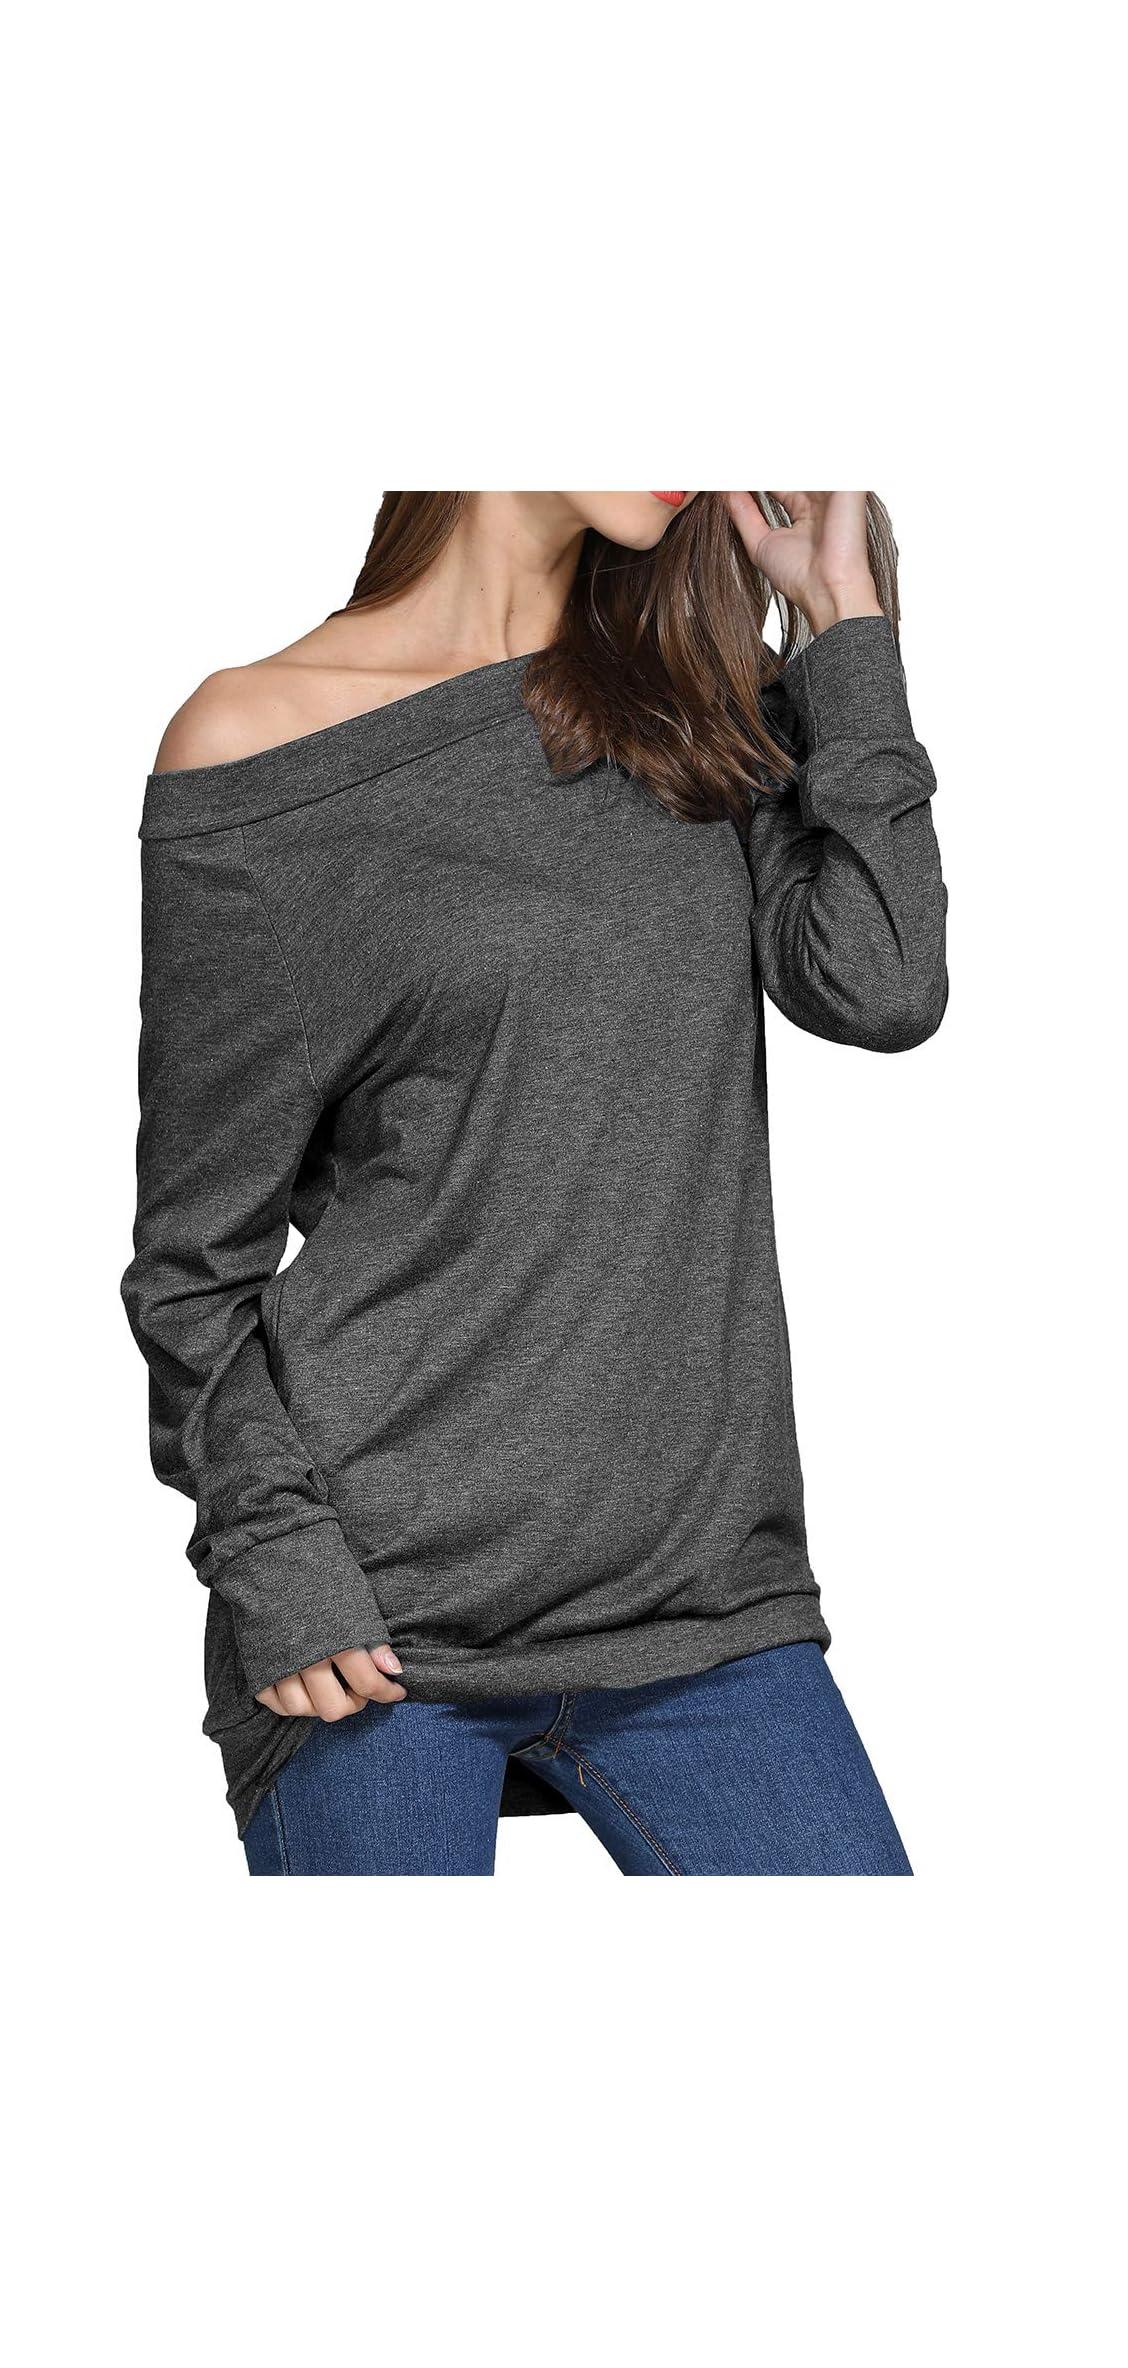 Women Boat Neck Off Shoulder Shirt Long Sleeve Pockets